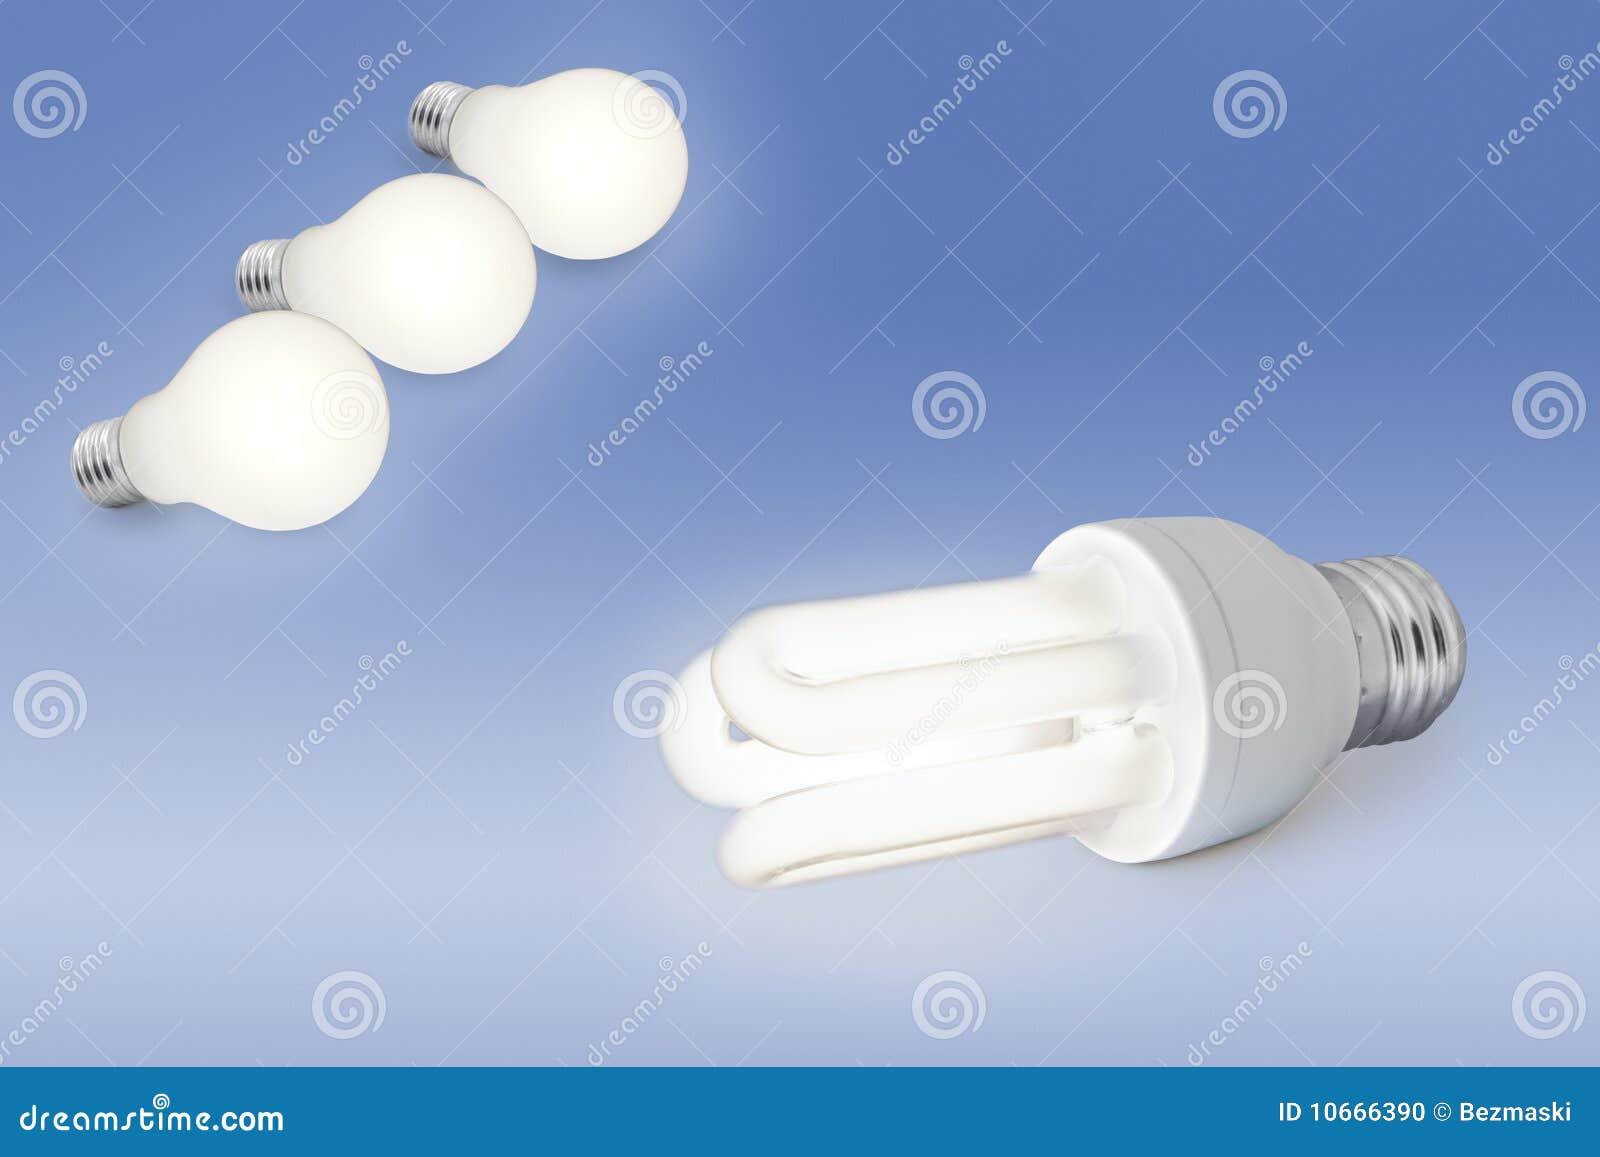 Low Energy Light Bulb Against Normal Light Bulb Stock Photo Image 10666390